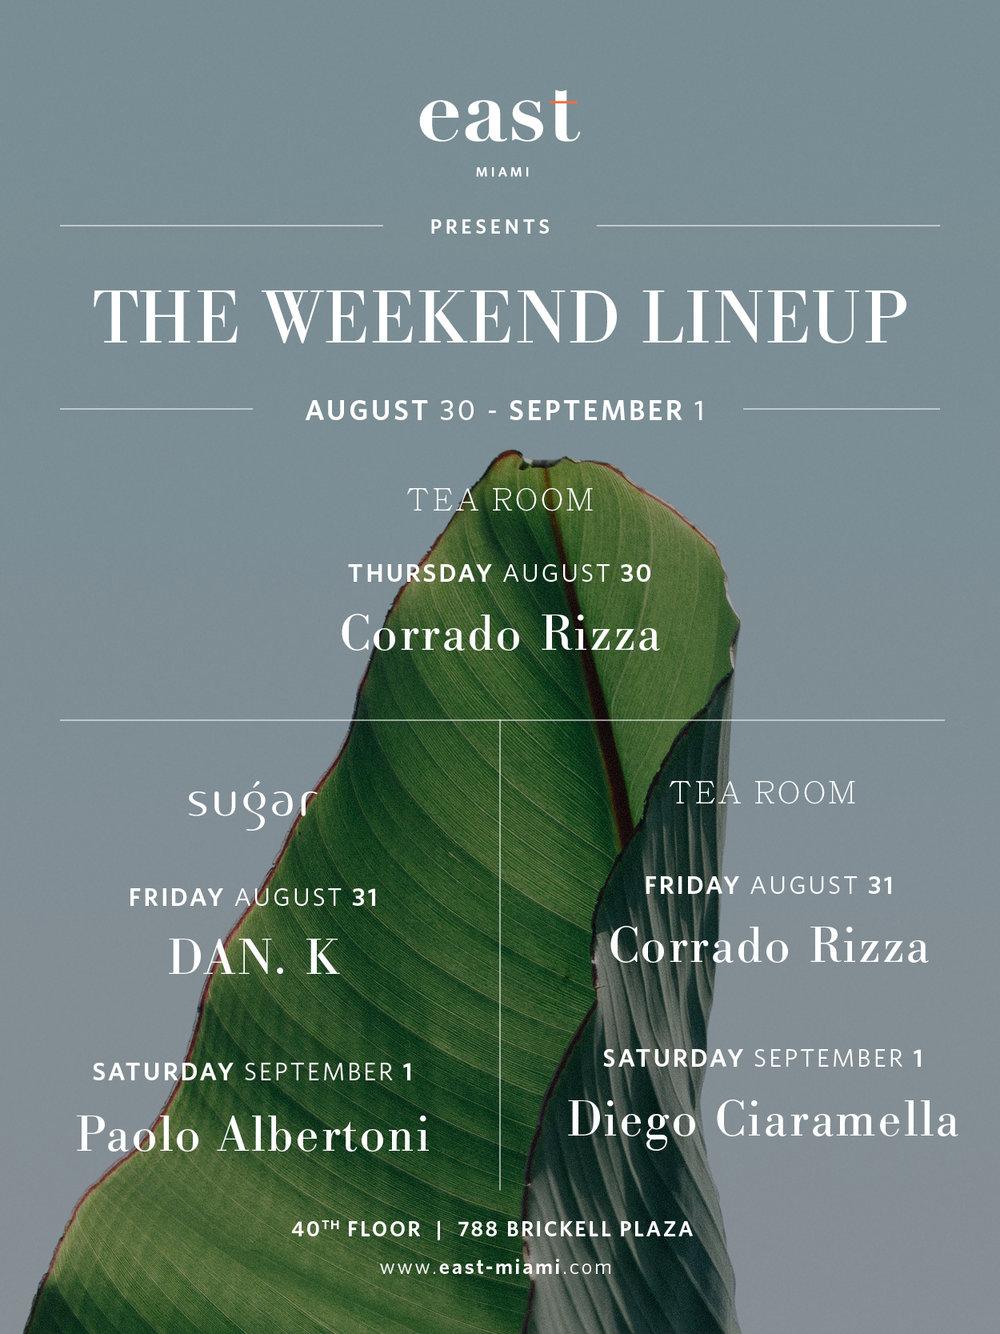 August_30-_September_1_Line_Up.jpg